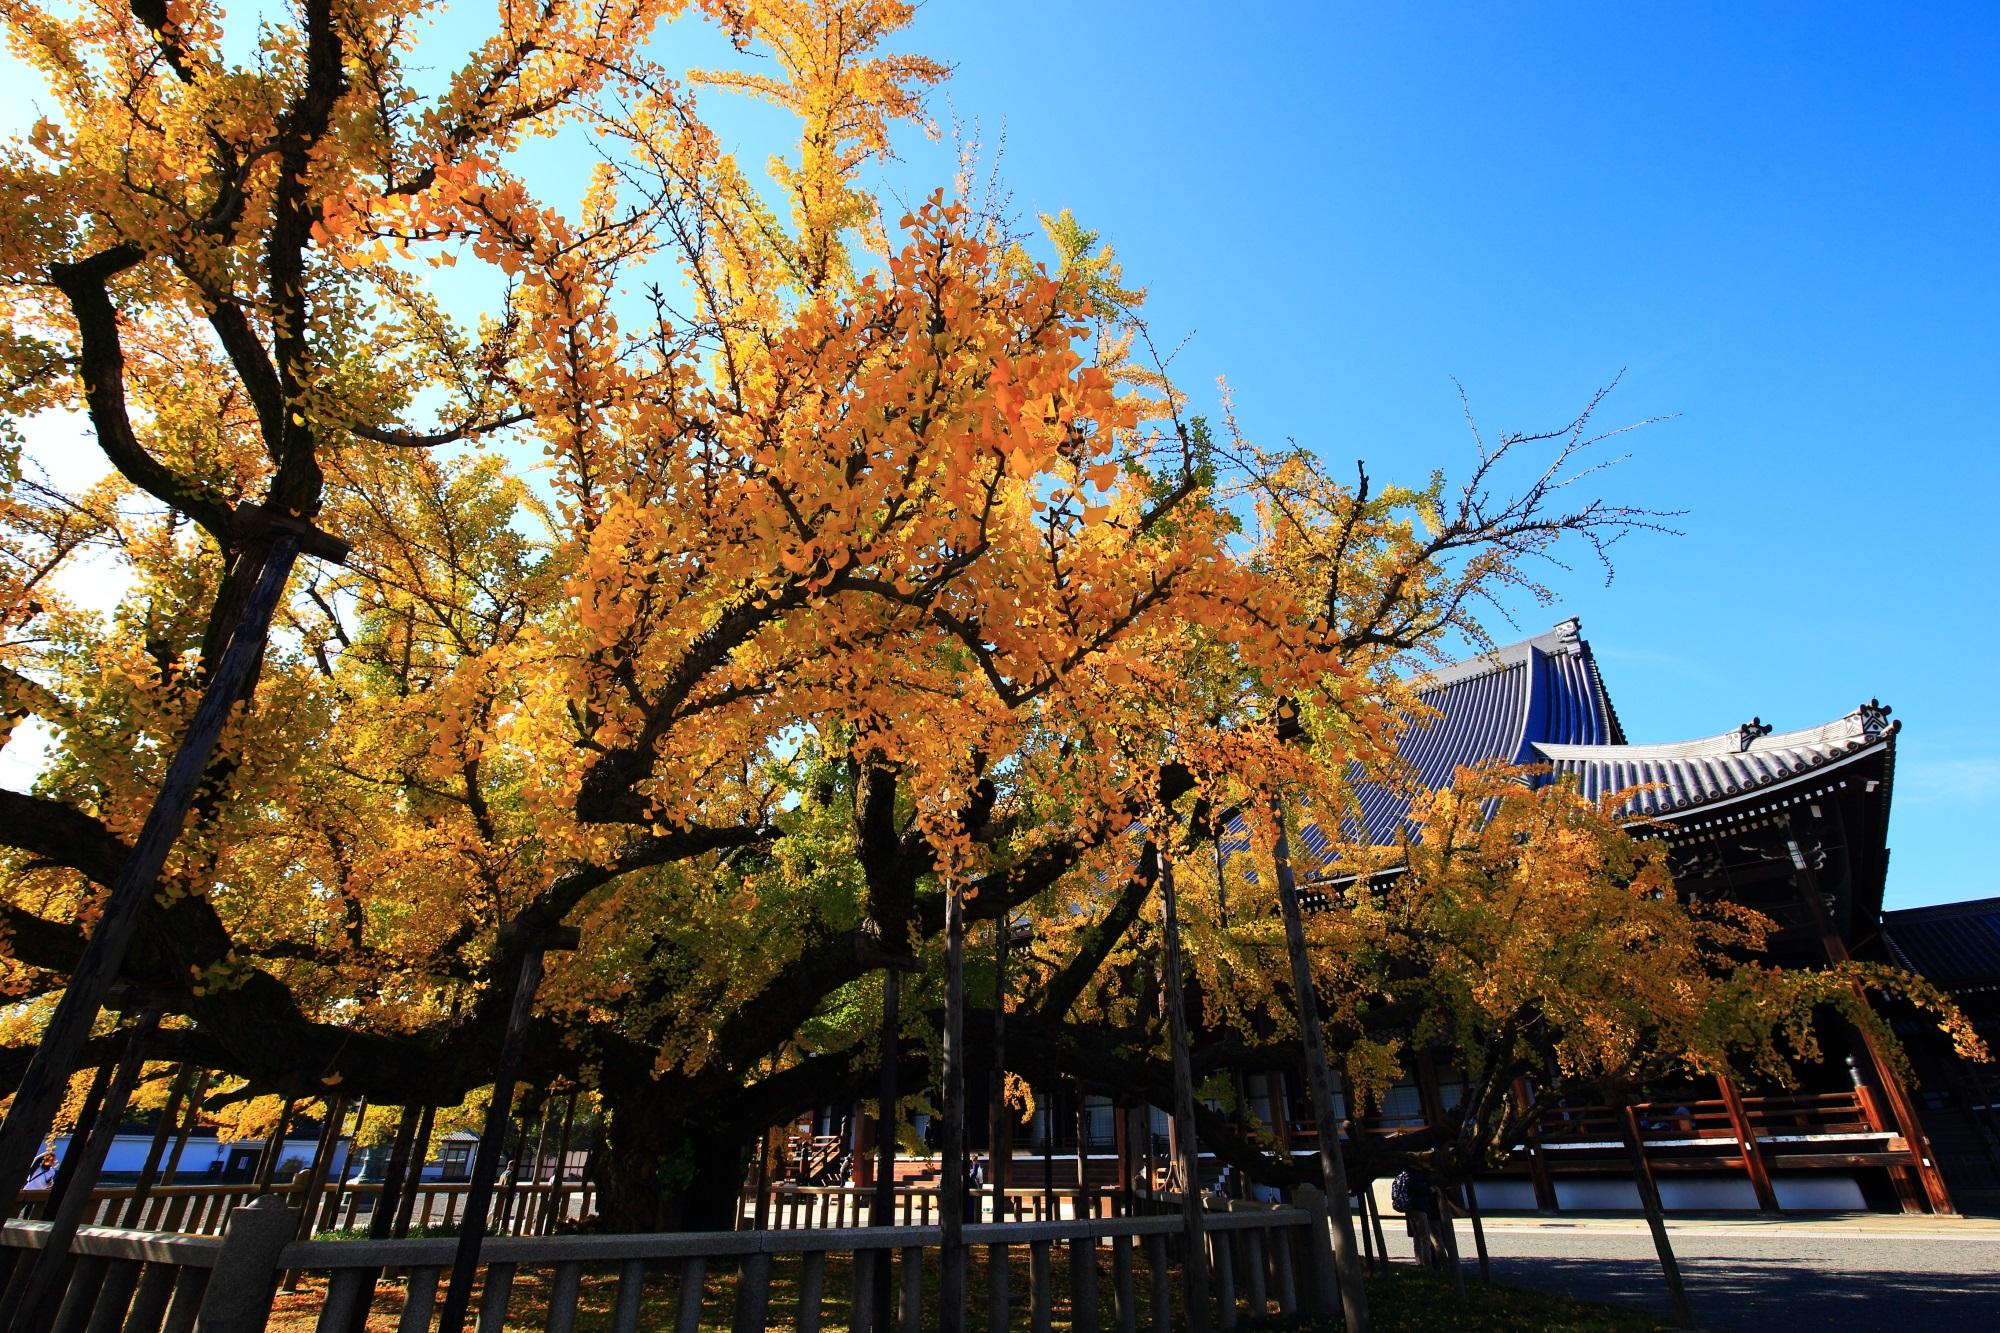 鮮やかな黄金の銀杏につつまれた西本願寺